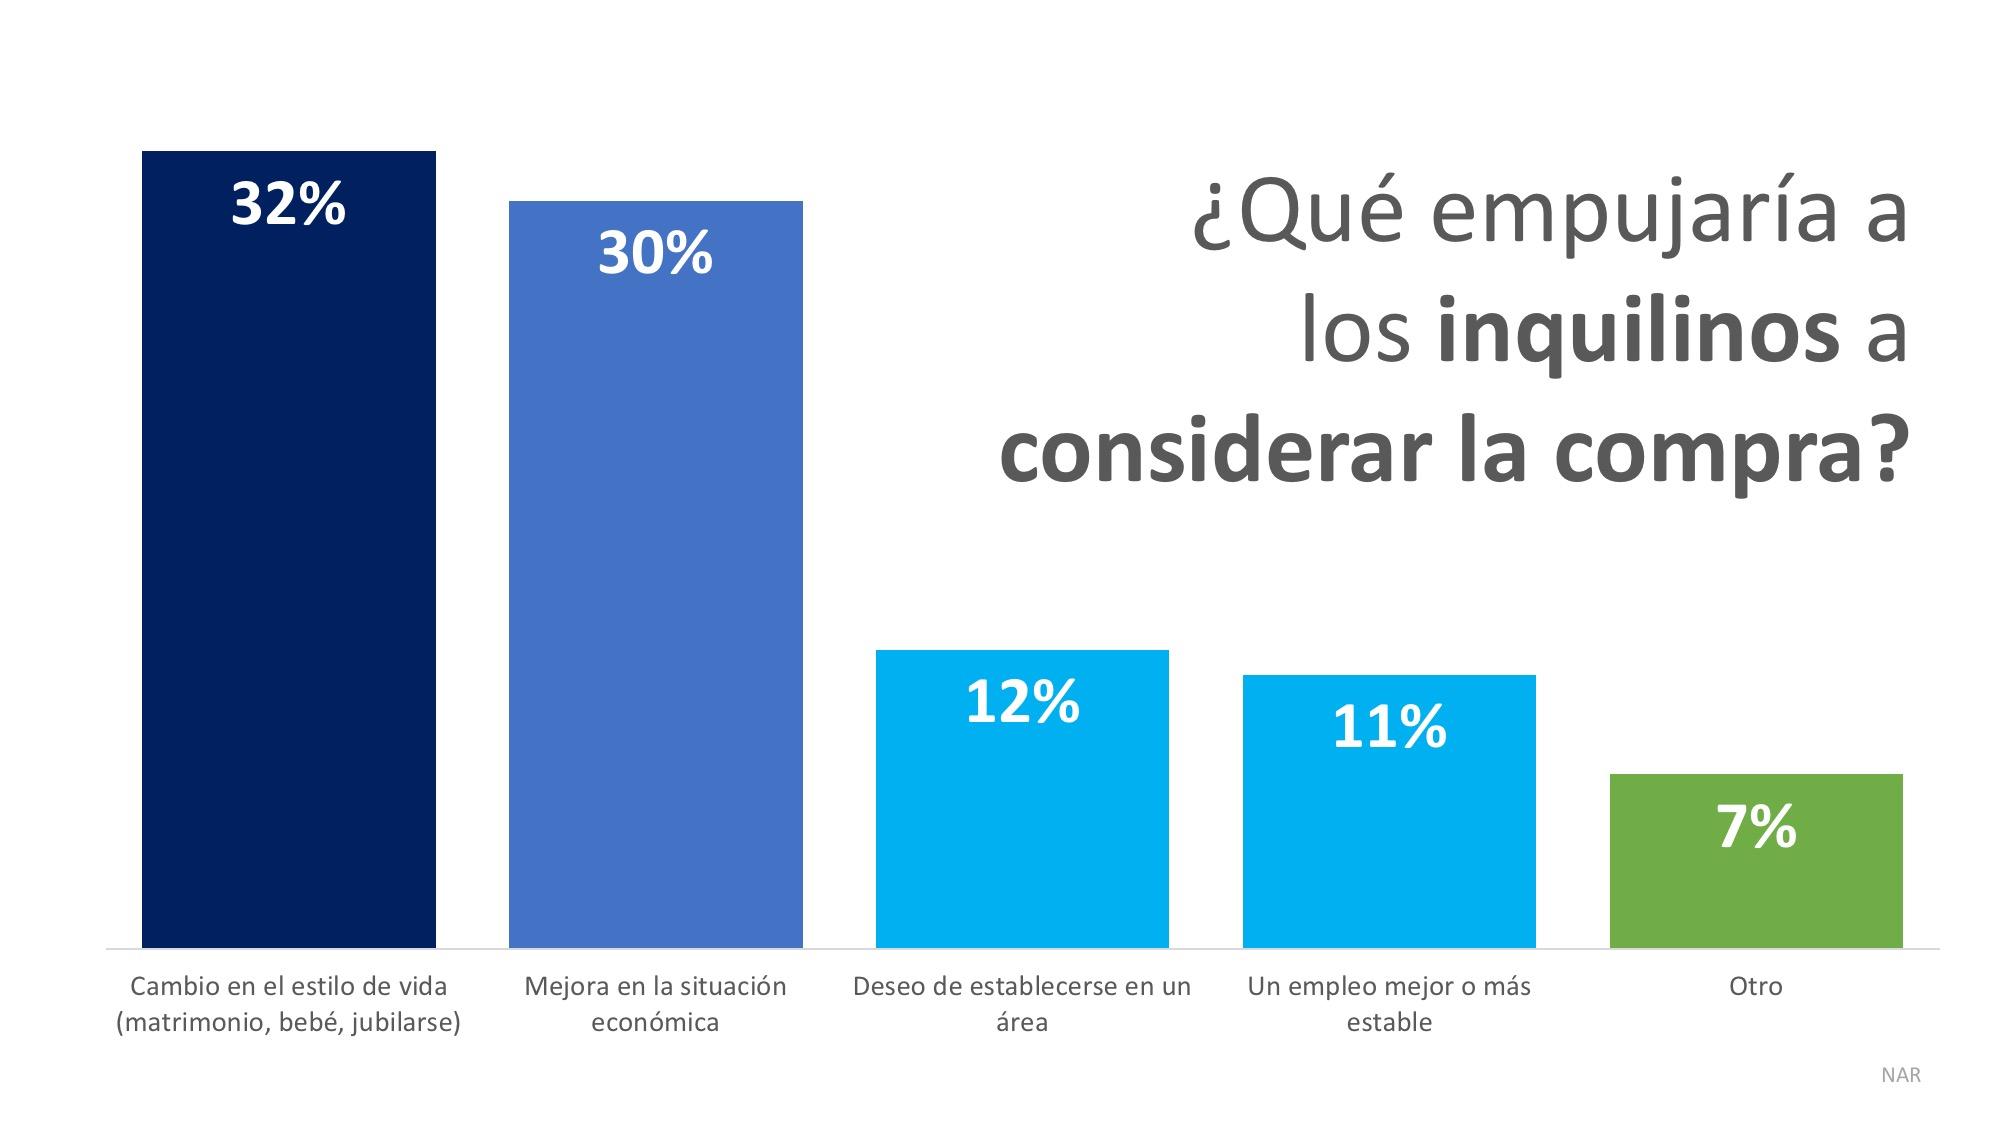 80 % de los inquilinos creen que ser propietario de vivienda es parte de su sueño americano | Simplifying The Market